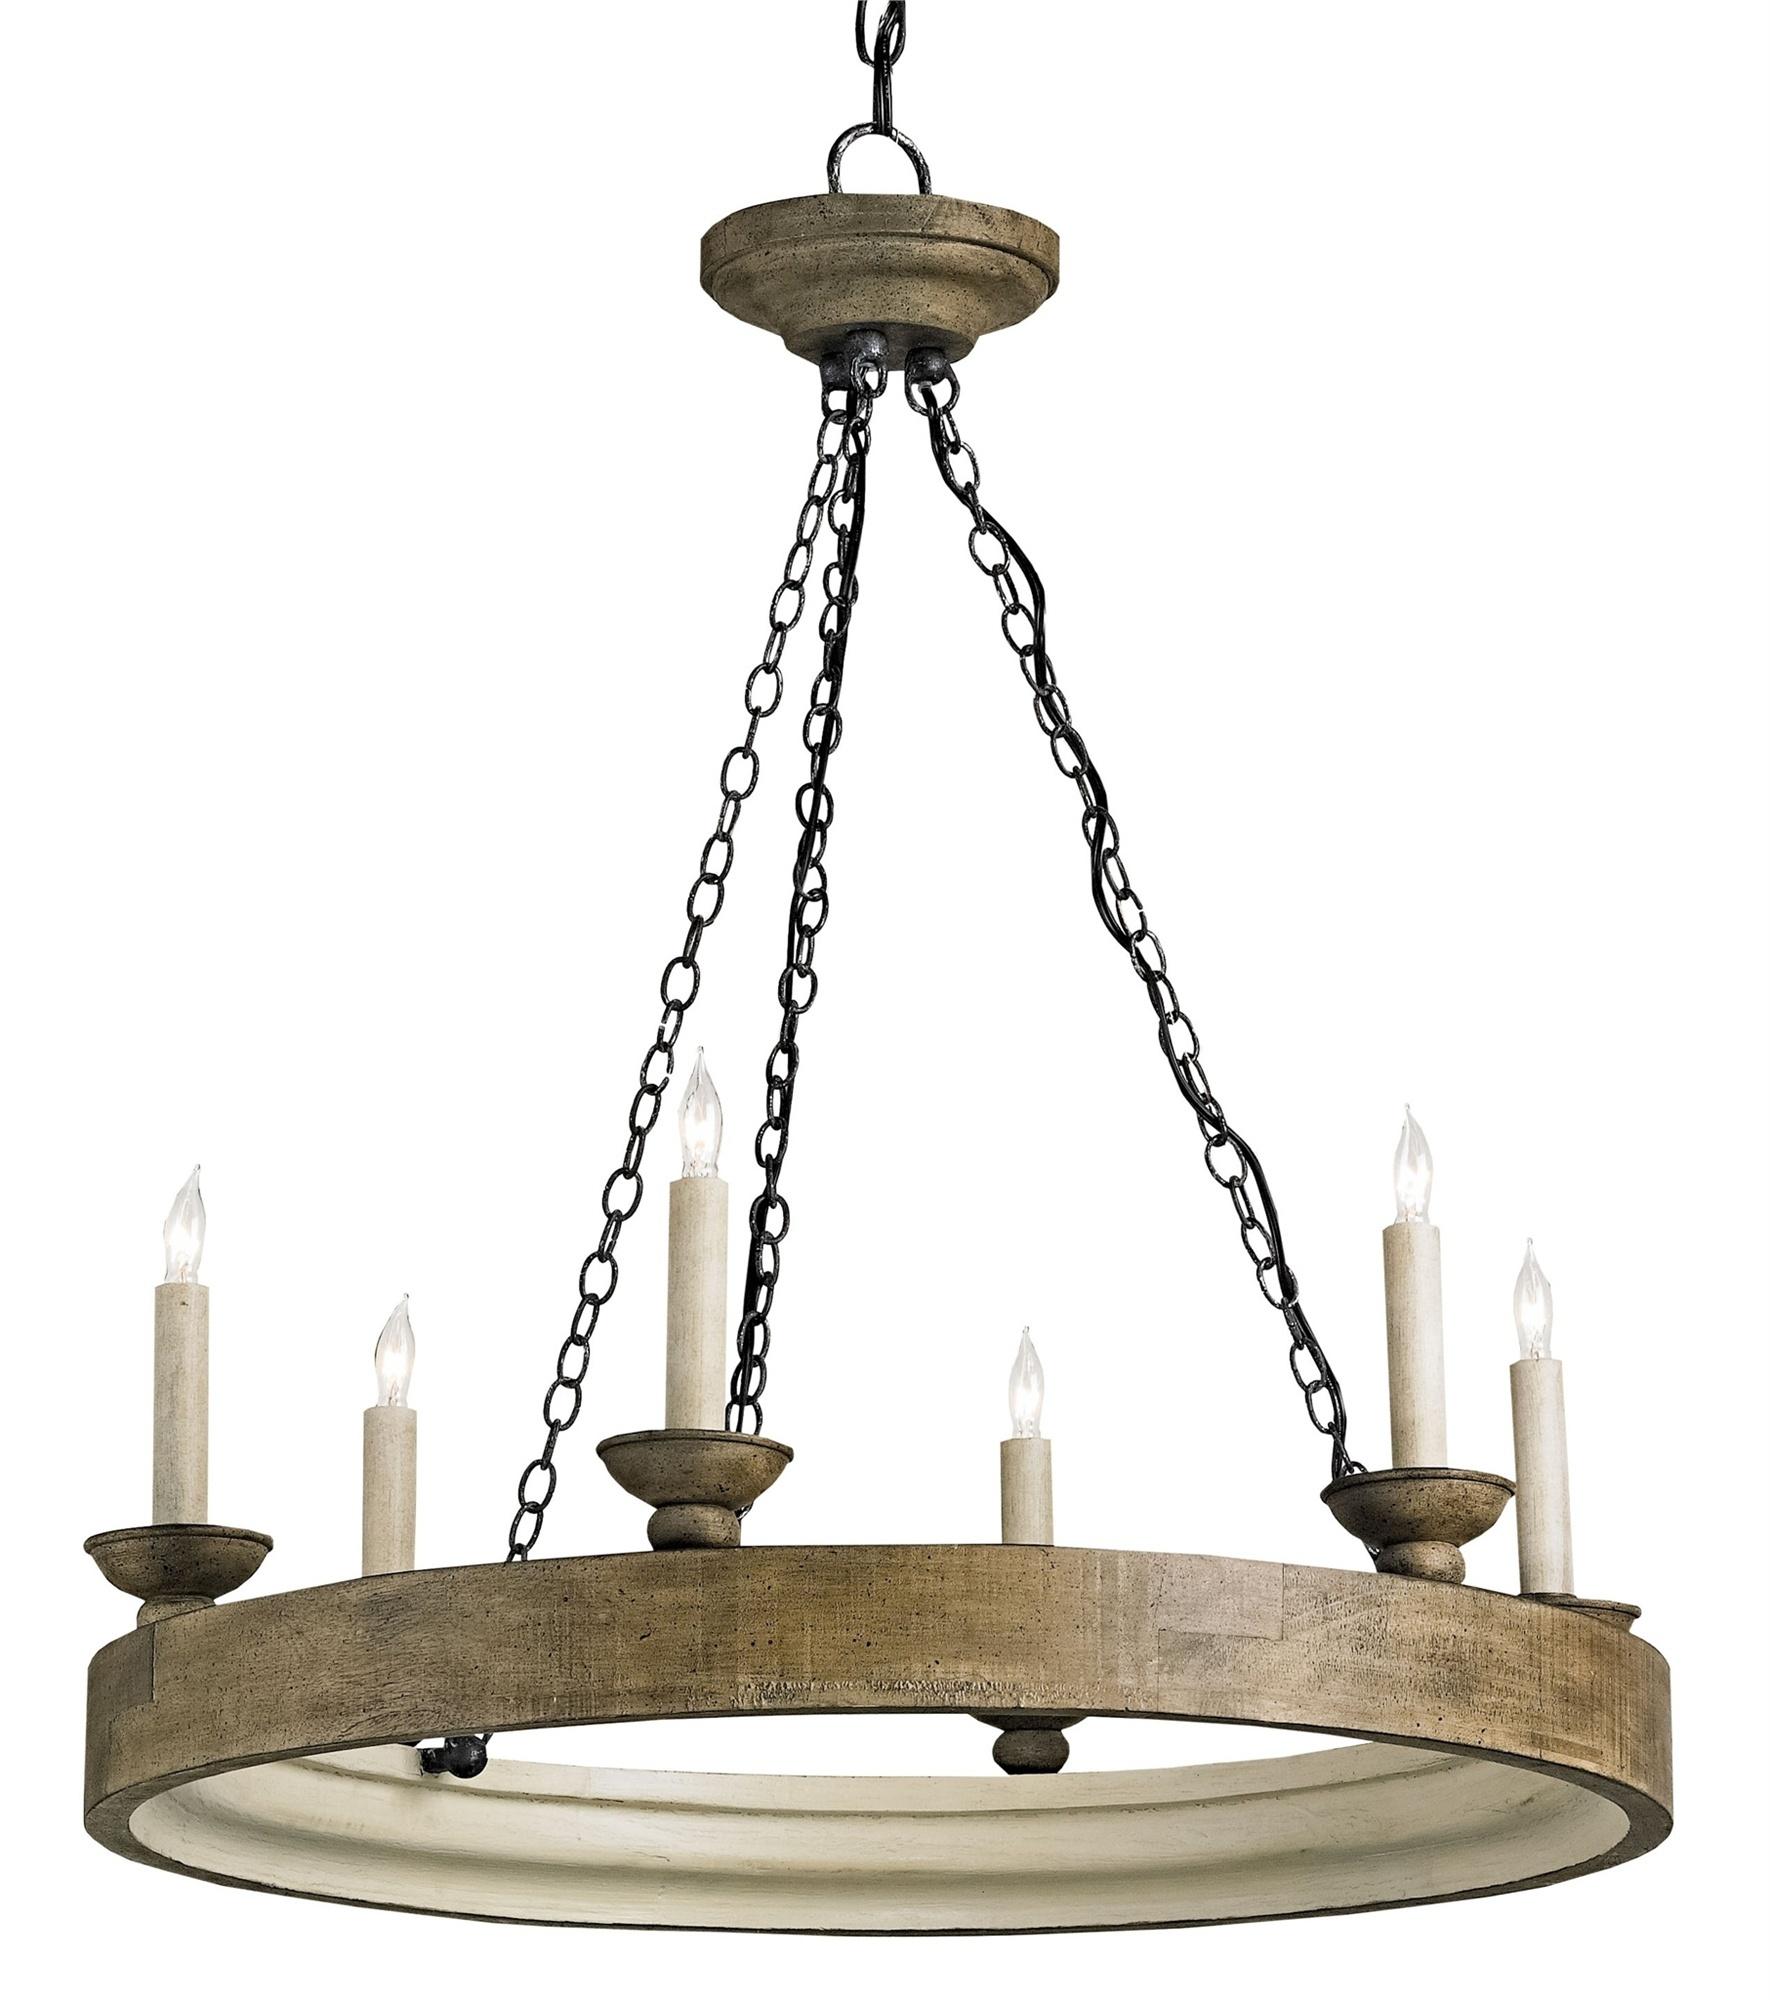 Currey chandeliers lighting ideas teal door decor 99721 arubaitofo Gallery